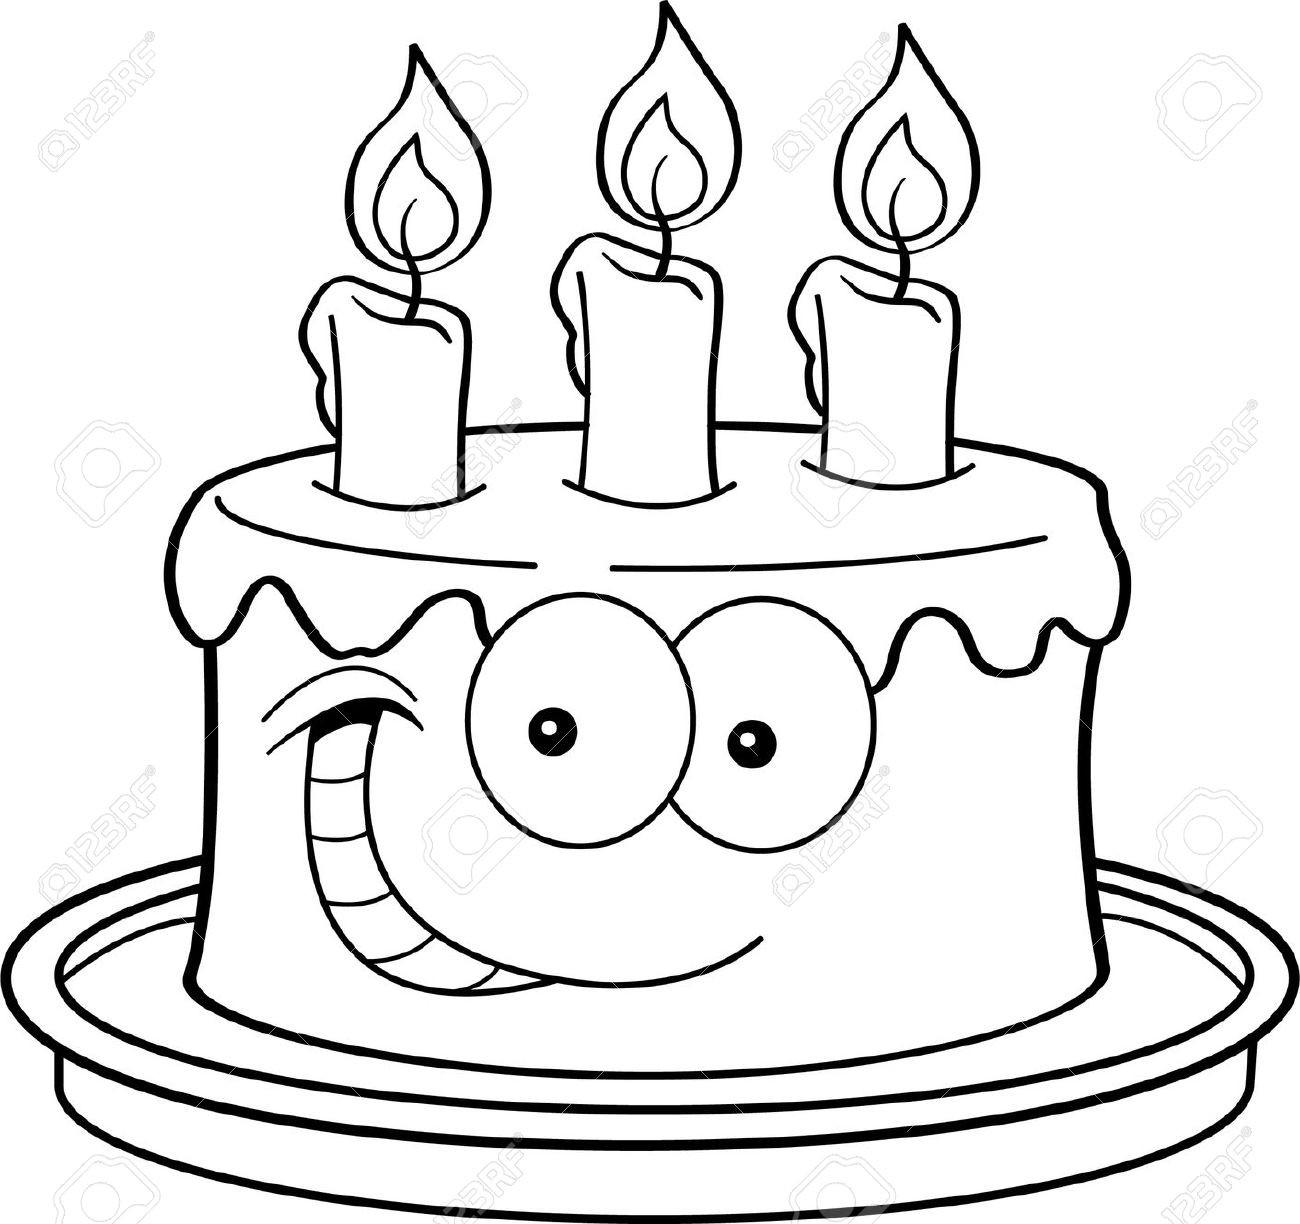 Geburtstagstorte Clipart Schwarz Weiß  Clipart kuchen schwarz weiss